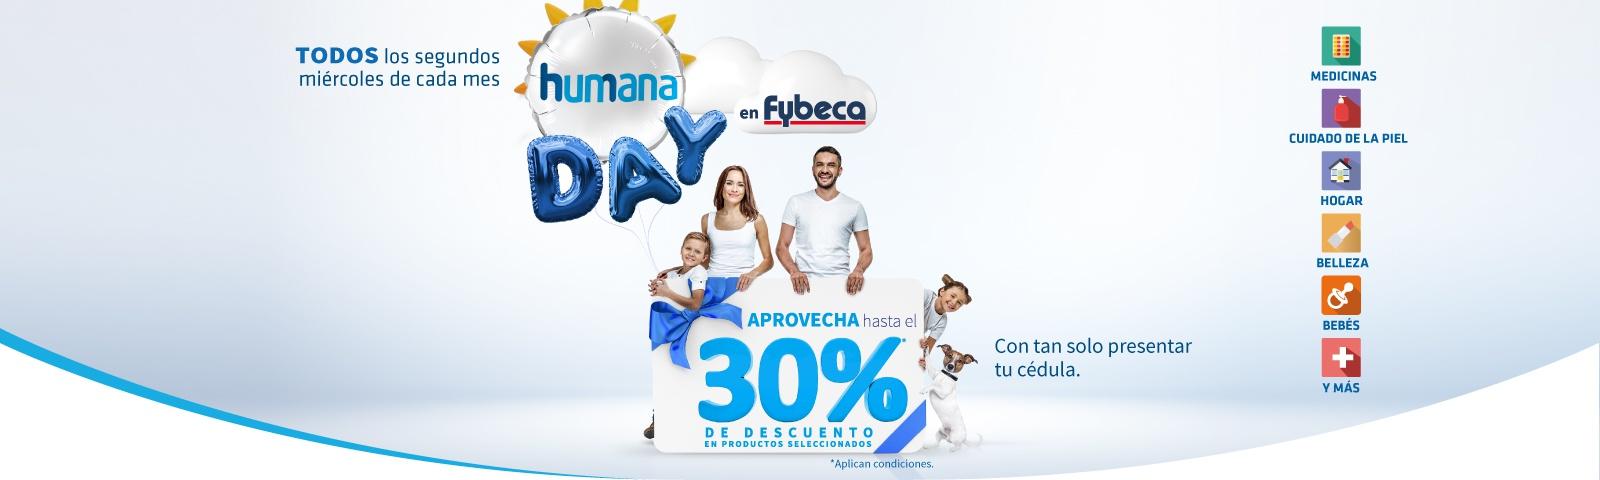 Humana Day en Fybeca